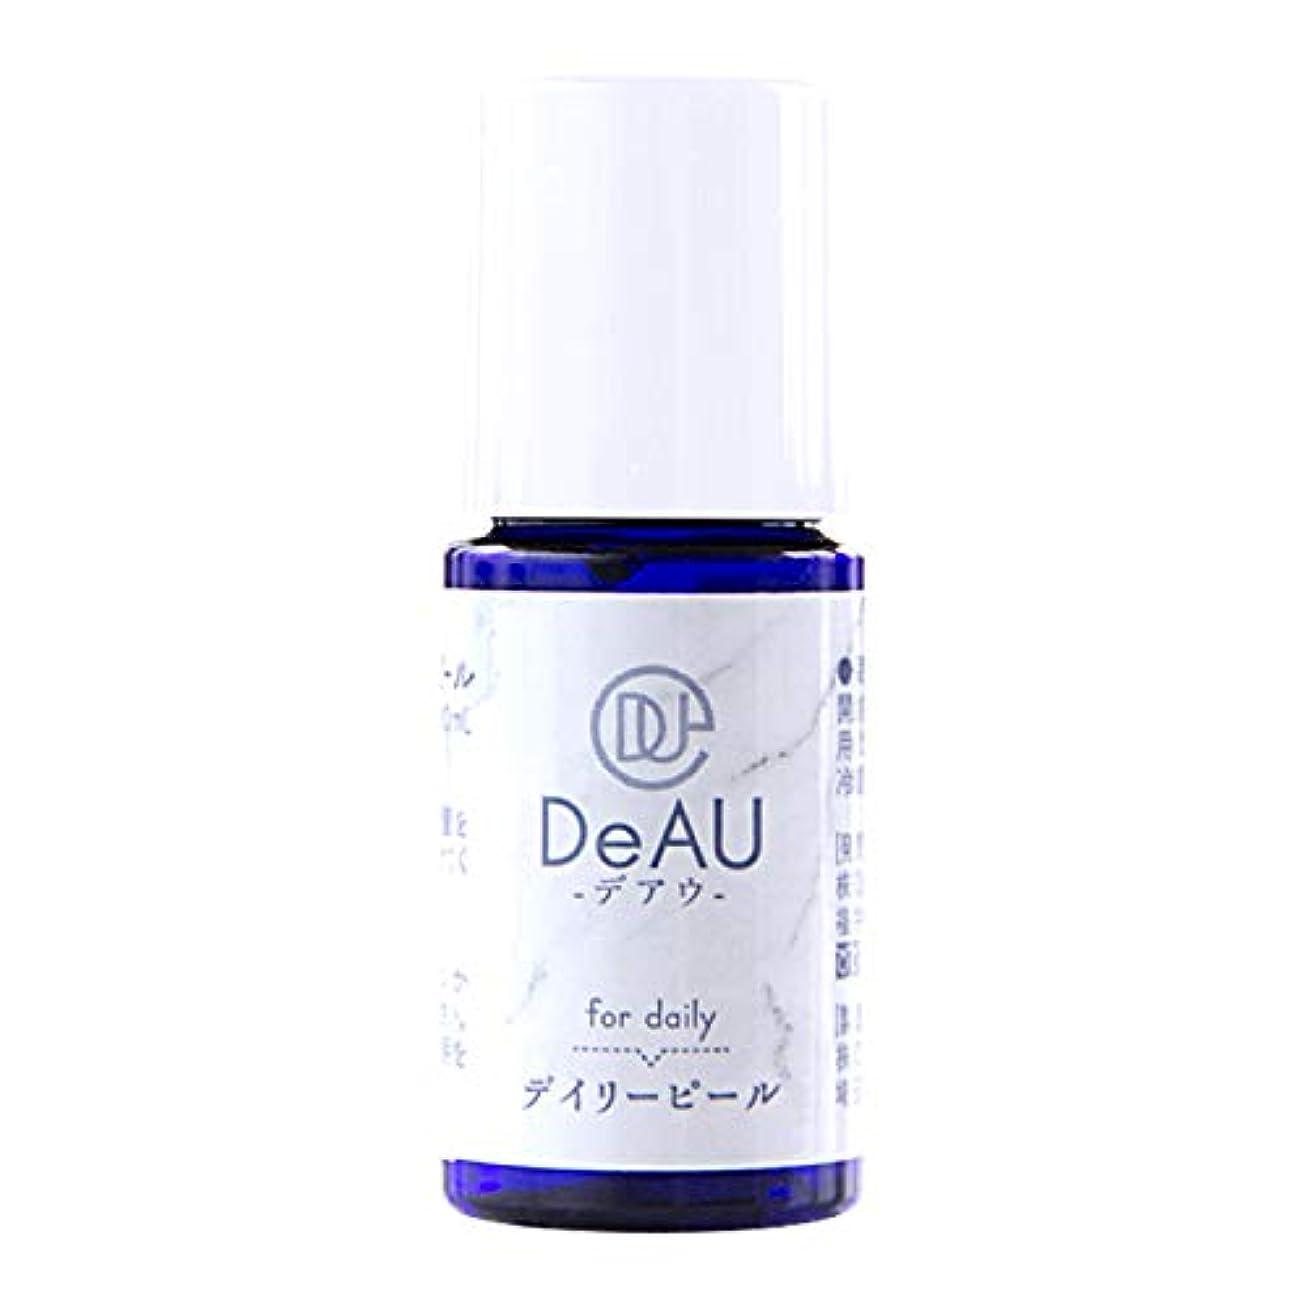 繰り返し立派な急勾配のDeAU デアウ デイリーピール ミニ 角質柔軟美容液 10mL